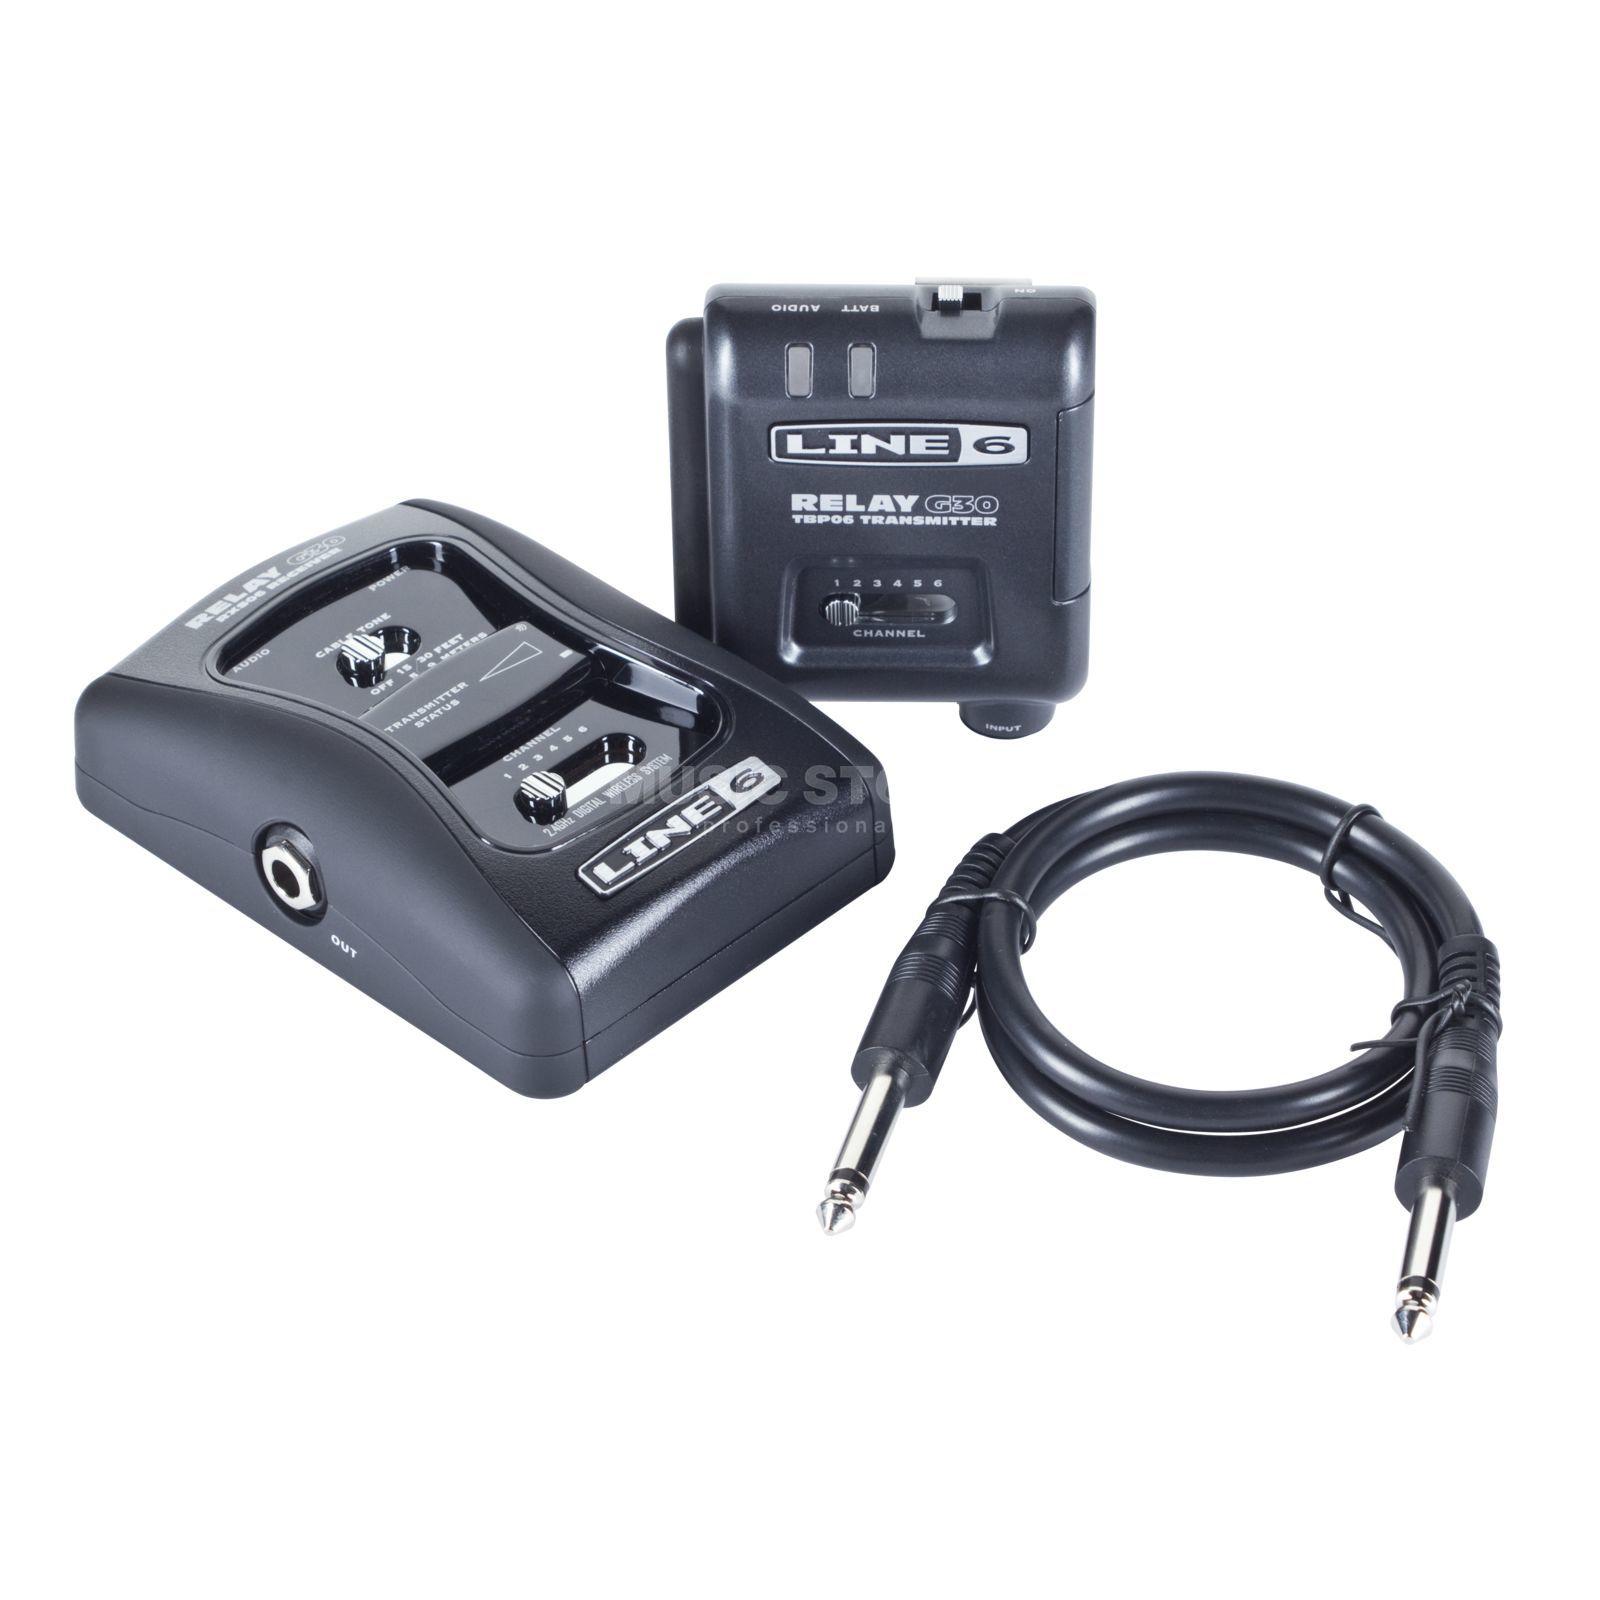 line 6 relay g30 2 4ghz funkanlage für gitarre und bass